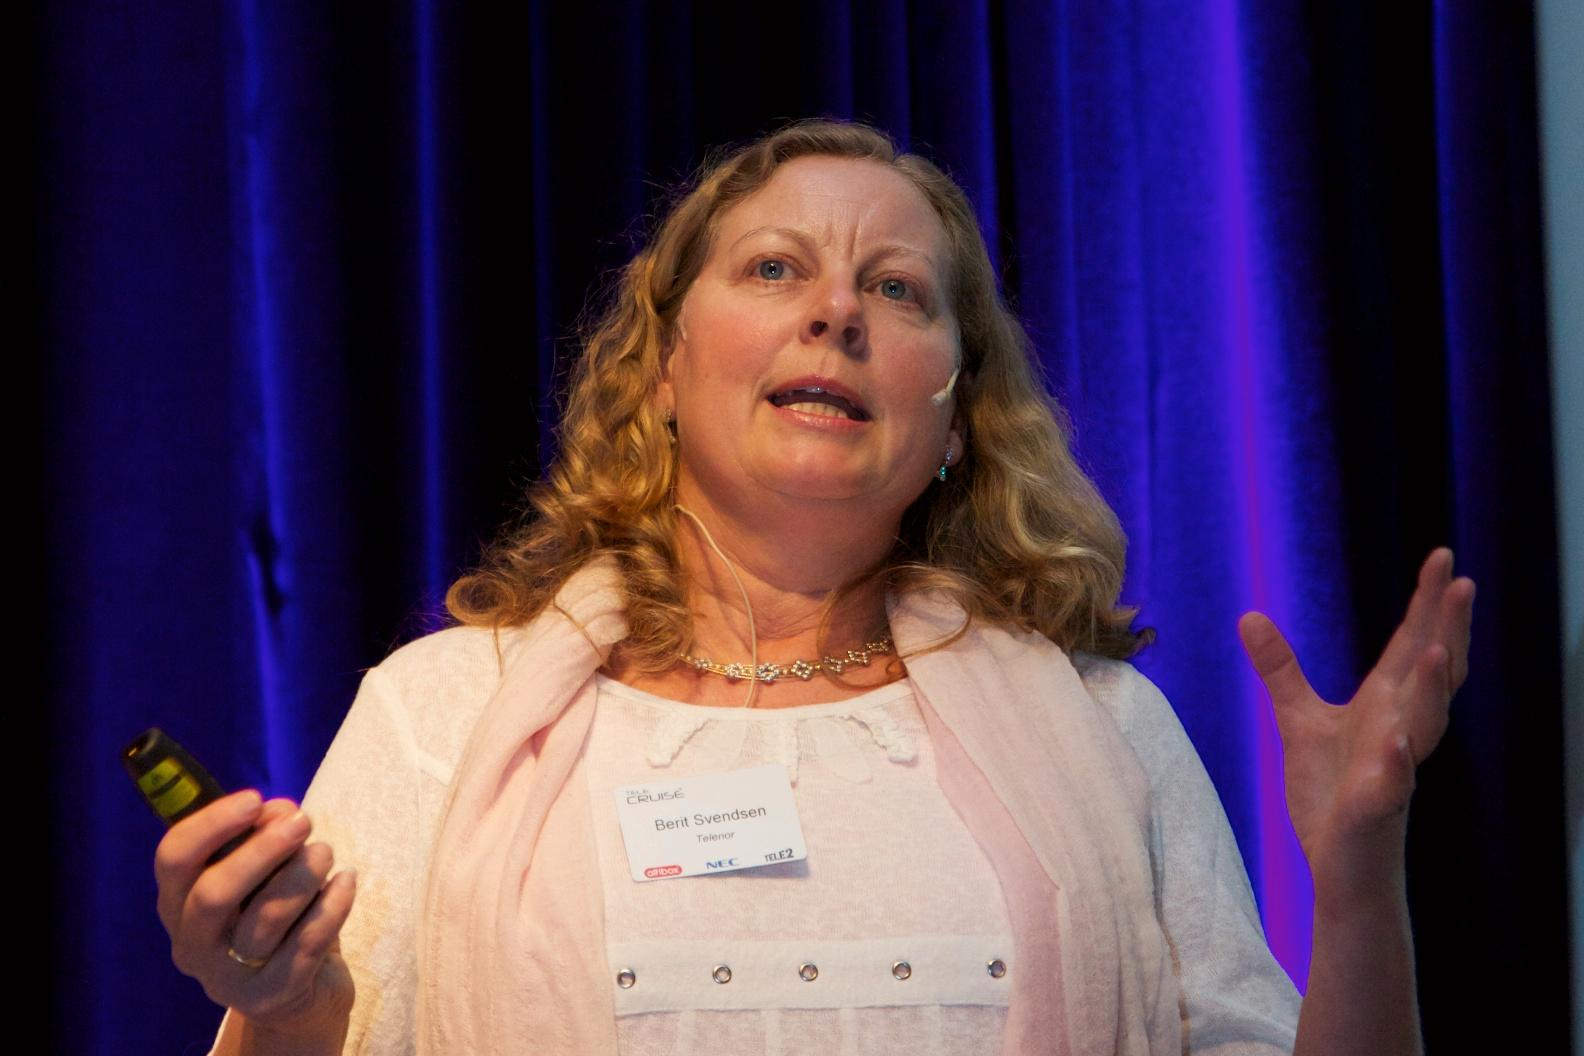 Berit Svendsen i Telenor.Foto: Kurt Lekanger, Mobilen.no